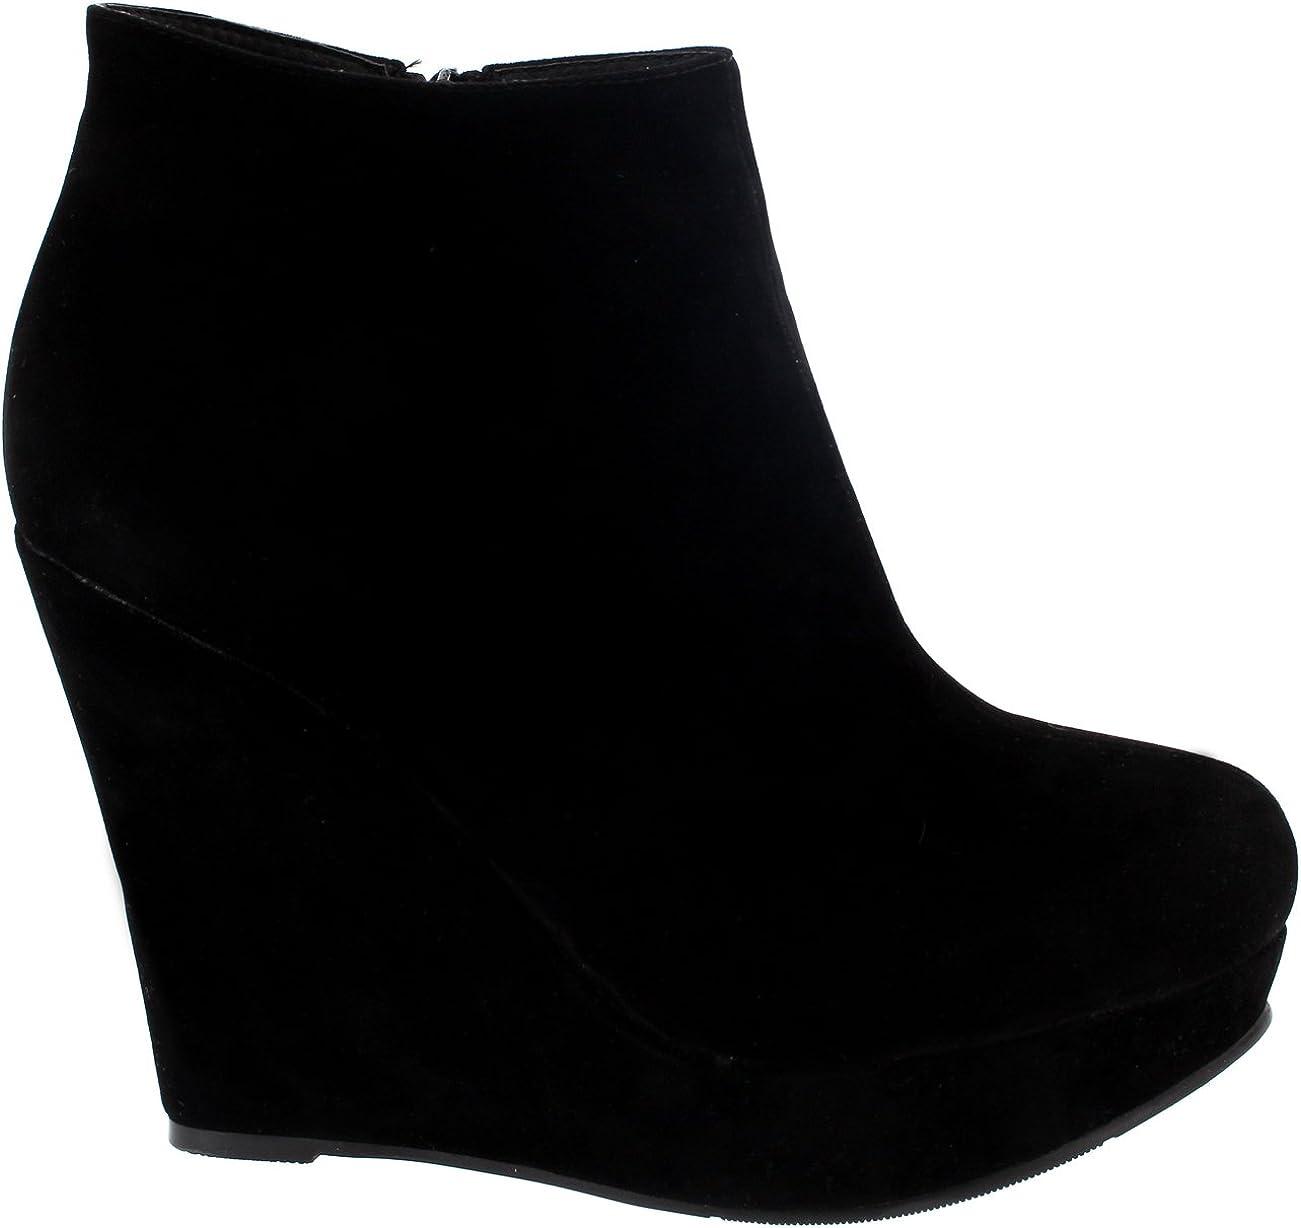 Project Femmes Haut Talon Compens/é Cheville D/émarrage Plate-Forme Chaussures